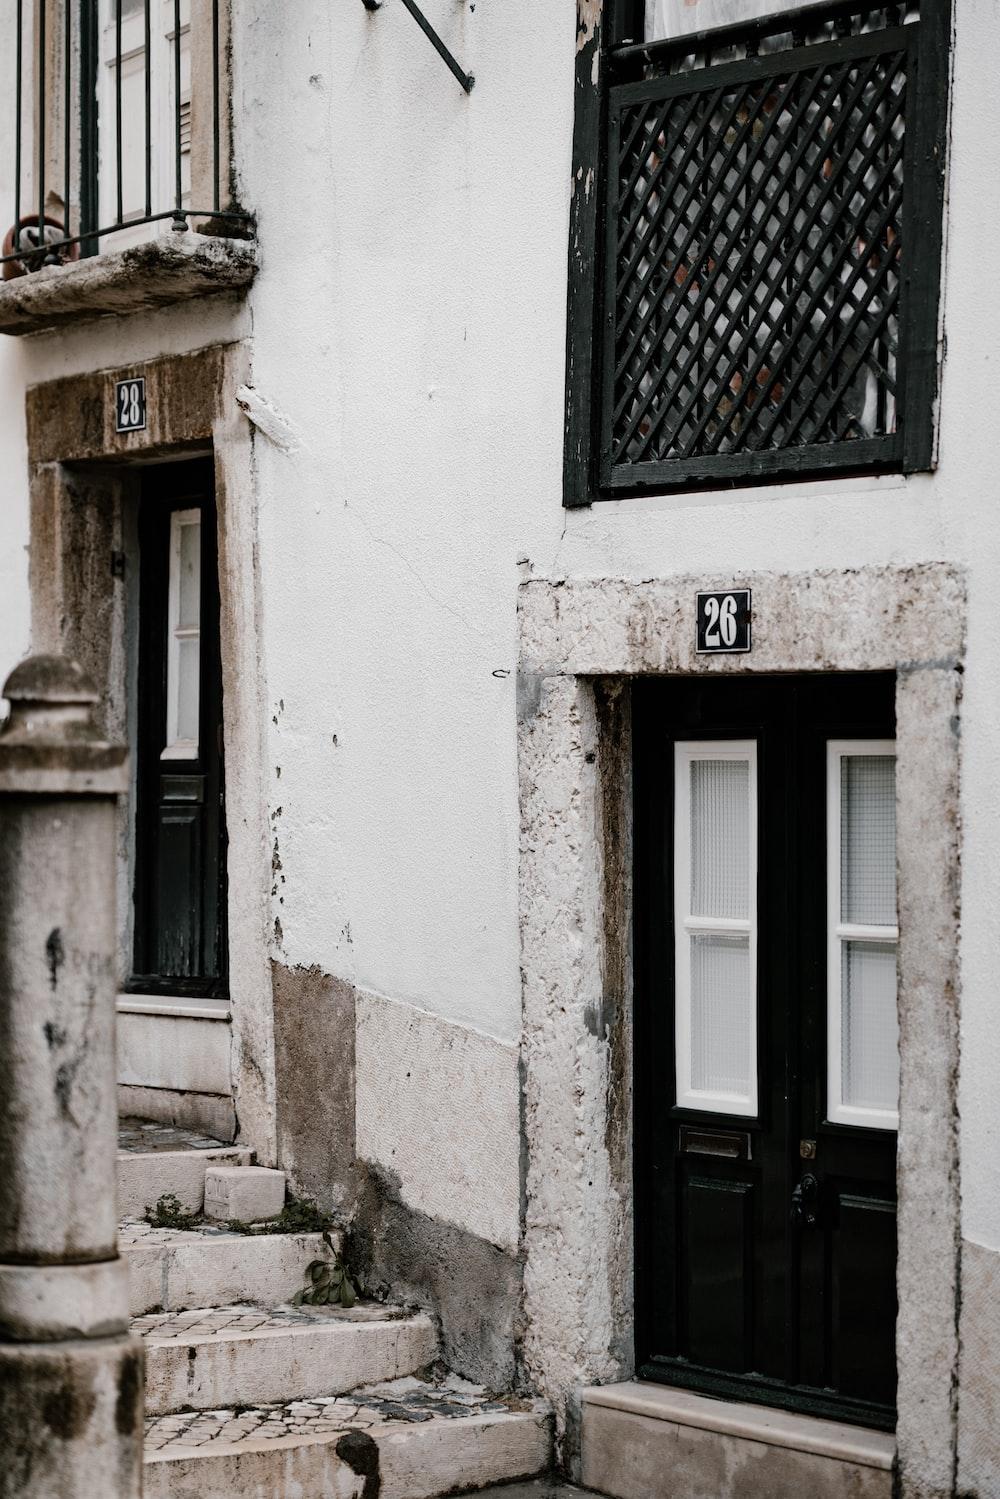 closed black wooden door on building